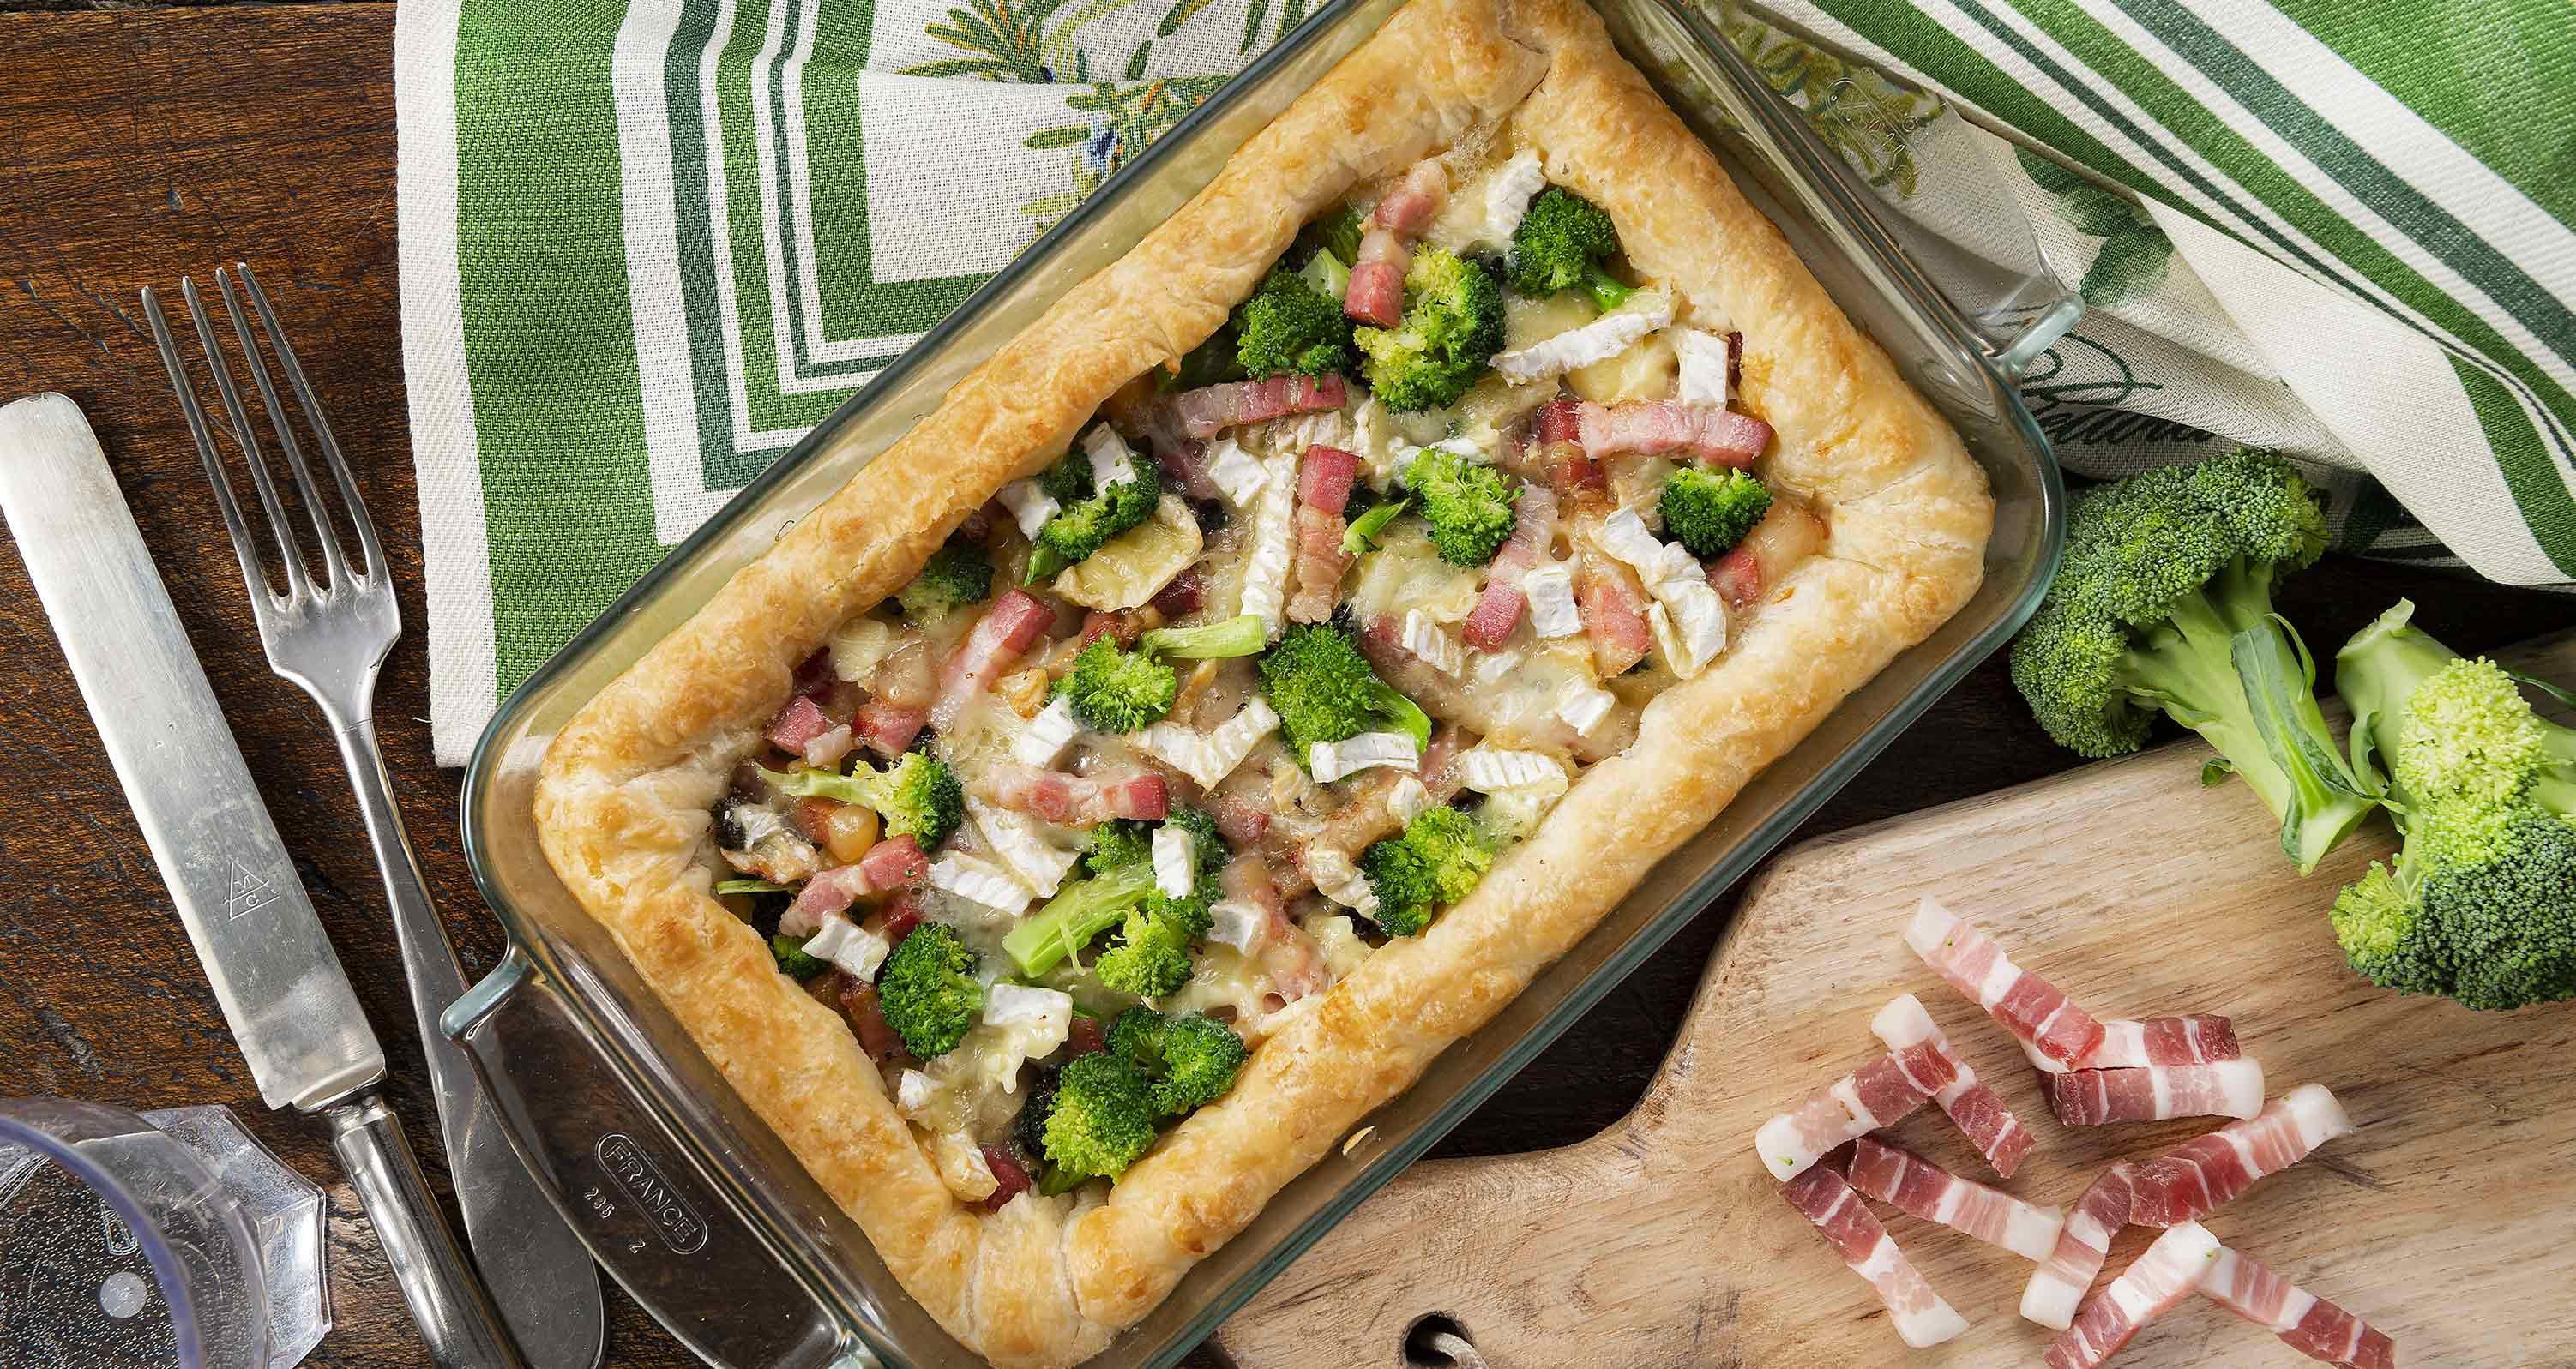 torta-salata-con-broccolo-camembert-e-fiammiferi-di-pancetta-affumicata-low.jpg